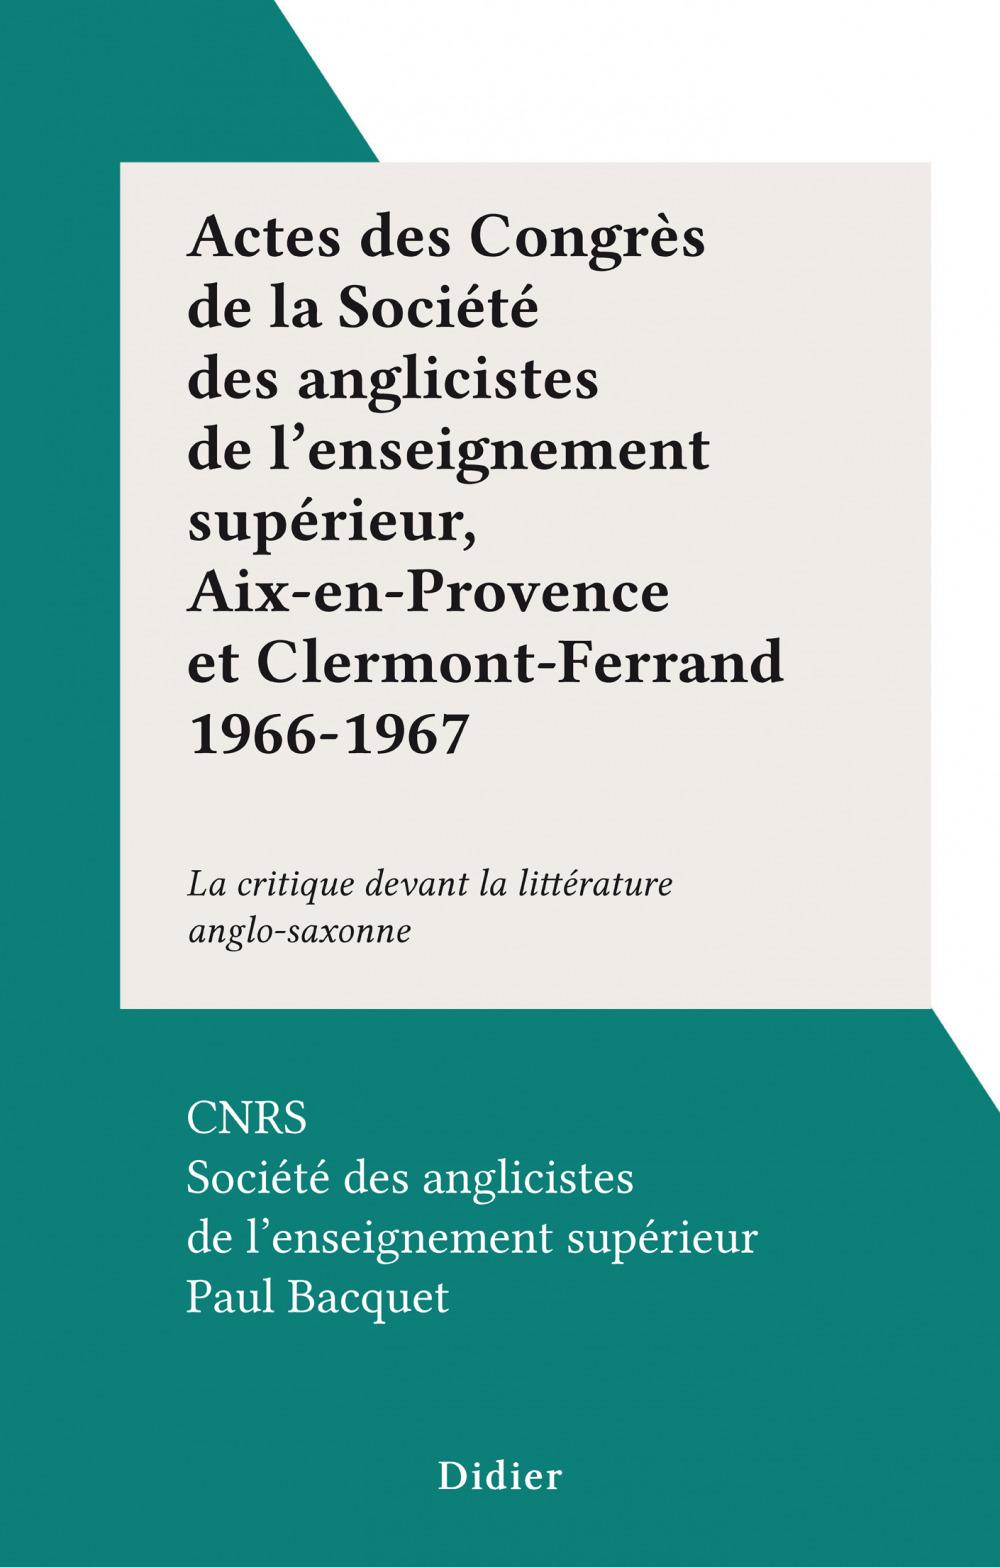 Actes des Congrès de la Société des anglicistes de l'enseignement supérieur, Aix-en-Provence et Clermont-Ferrand 1966-1967